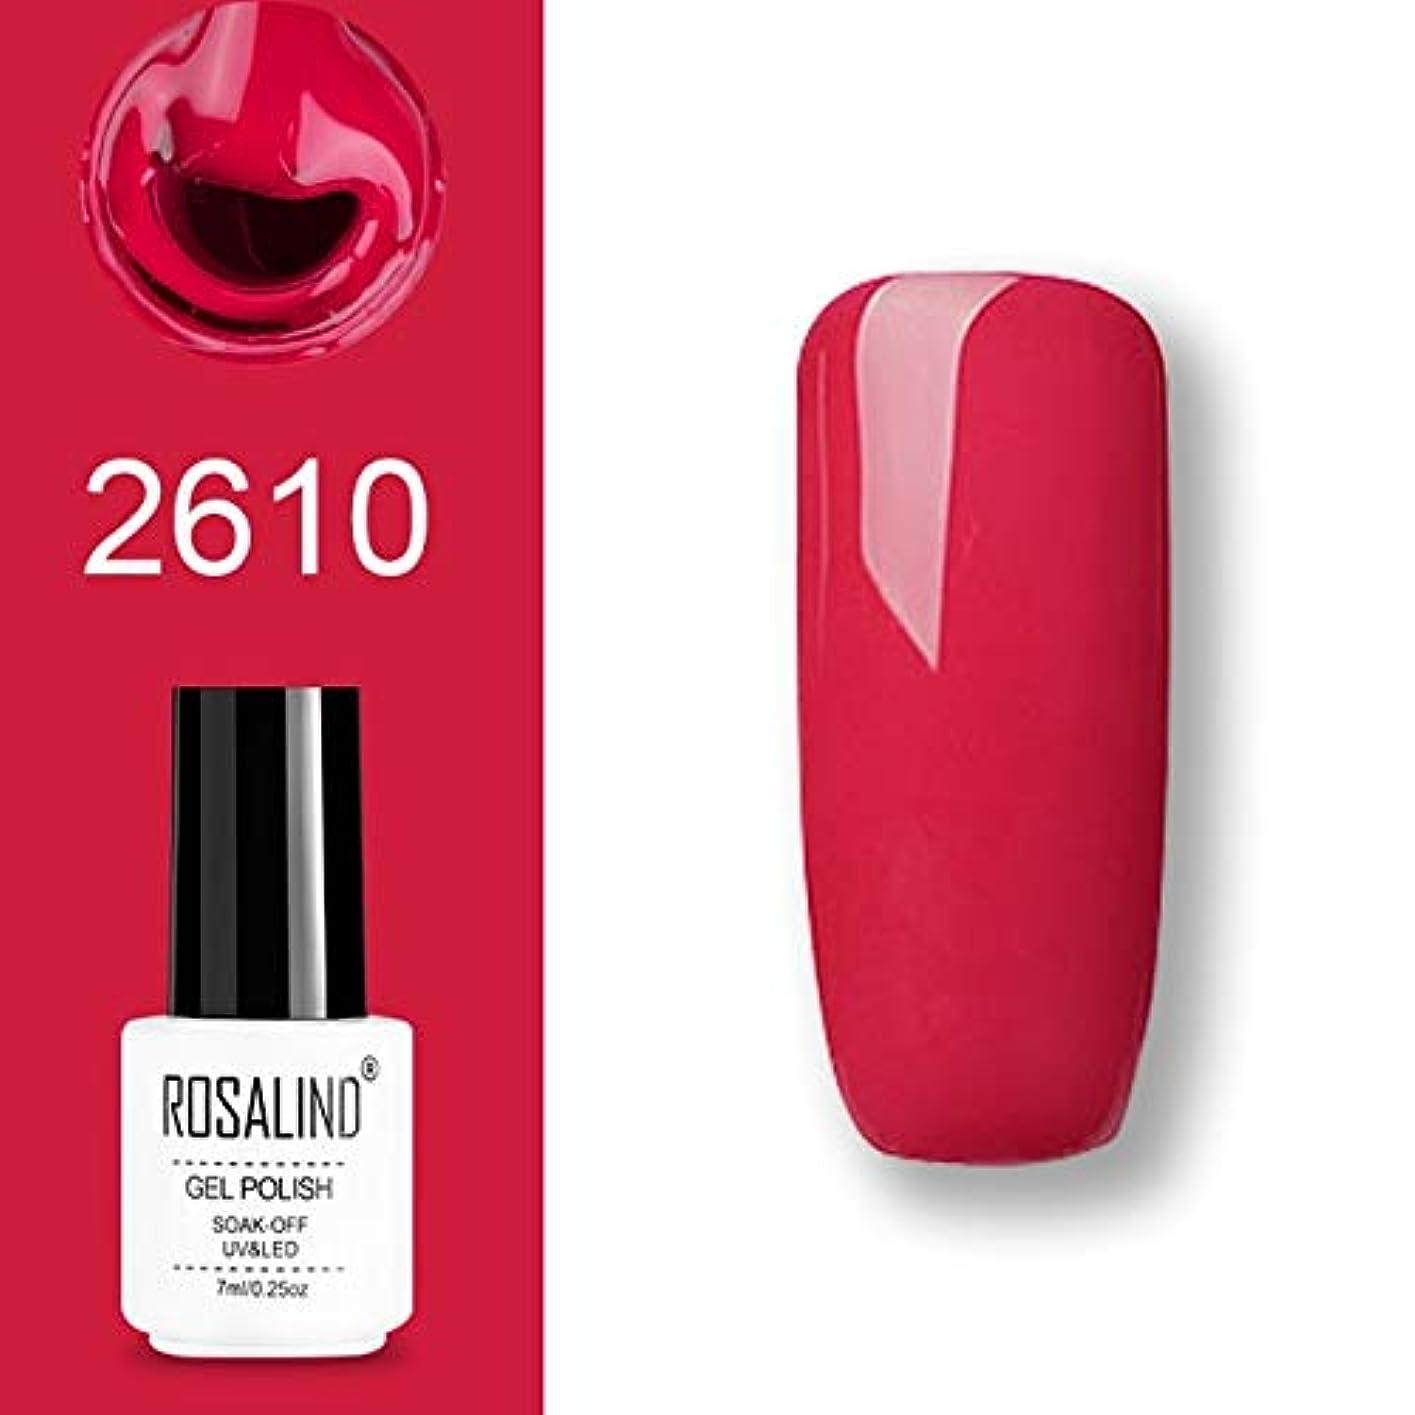 気付くベスト思い出すファッションアイテム ROSALINDジェルポリッシュセットUV半永久プライマートップコートポリジェルニスネイルアートマニキュアジェル、容量:7ml 2610ジェルネイルポリッシュ 環境に優しいマニキュア